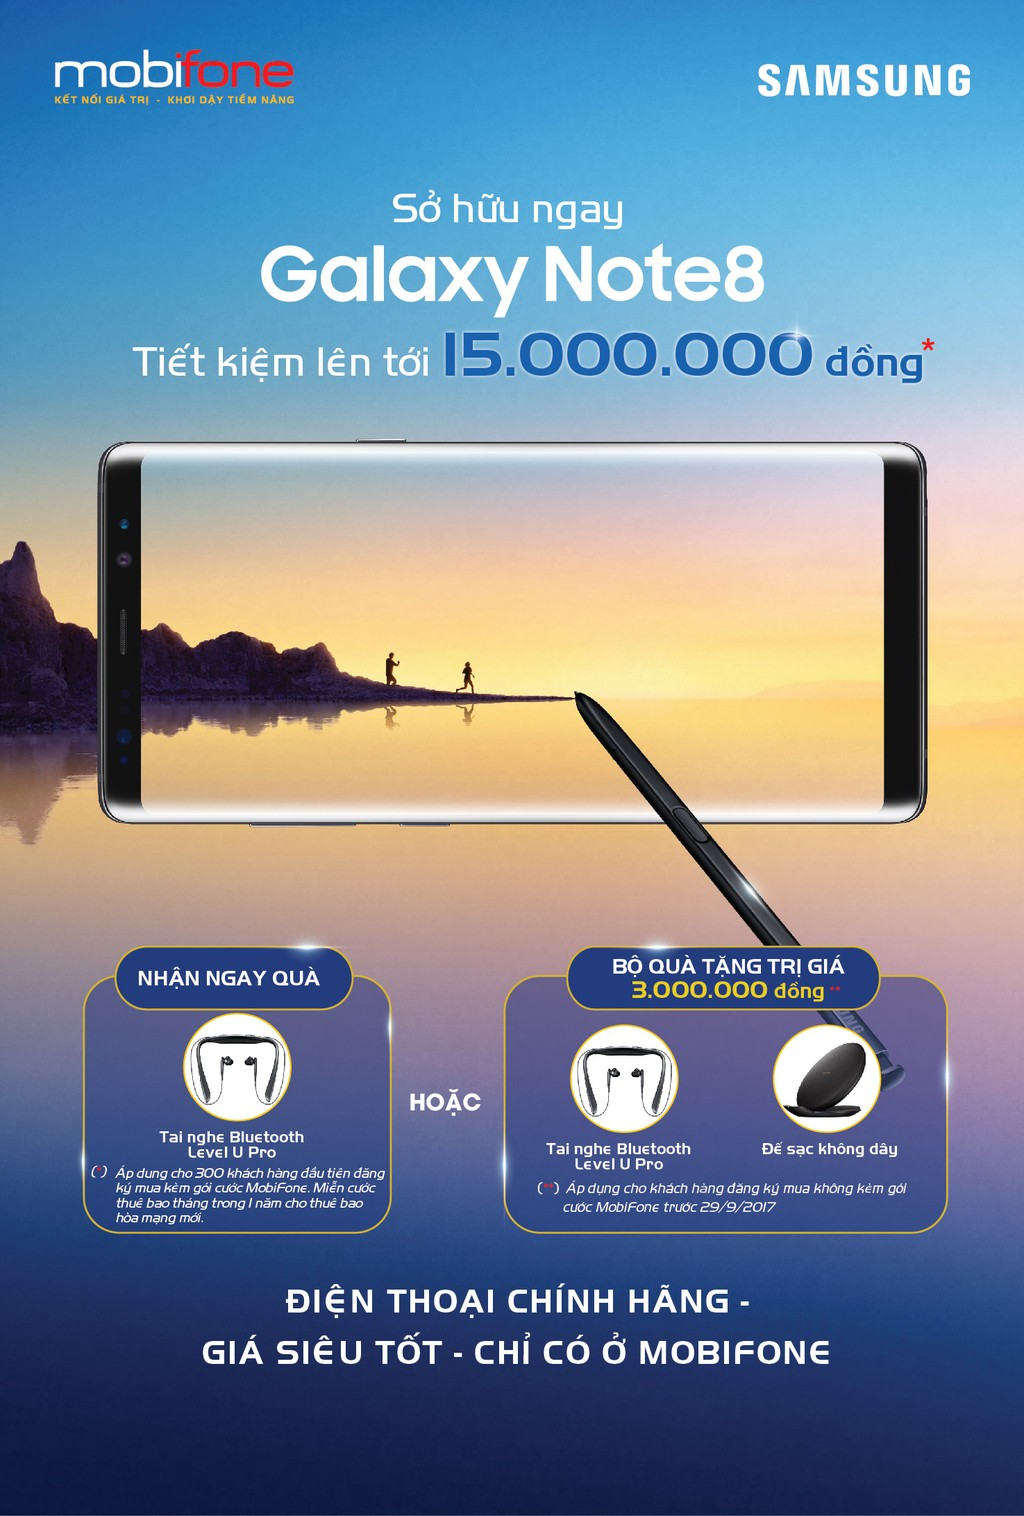 MobiFone gây bất ngờ với giá bán Galaxy Note 8 - ảnh 2